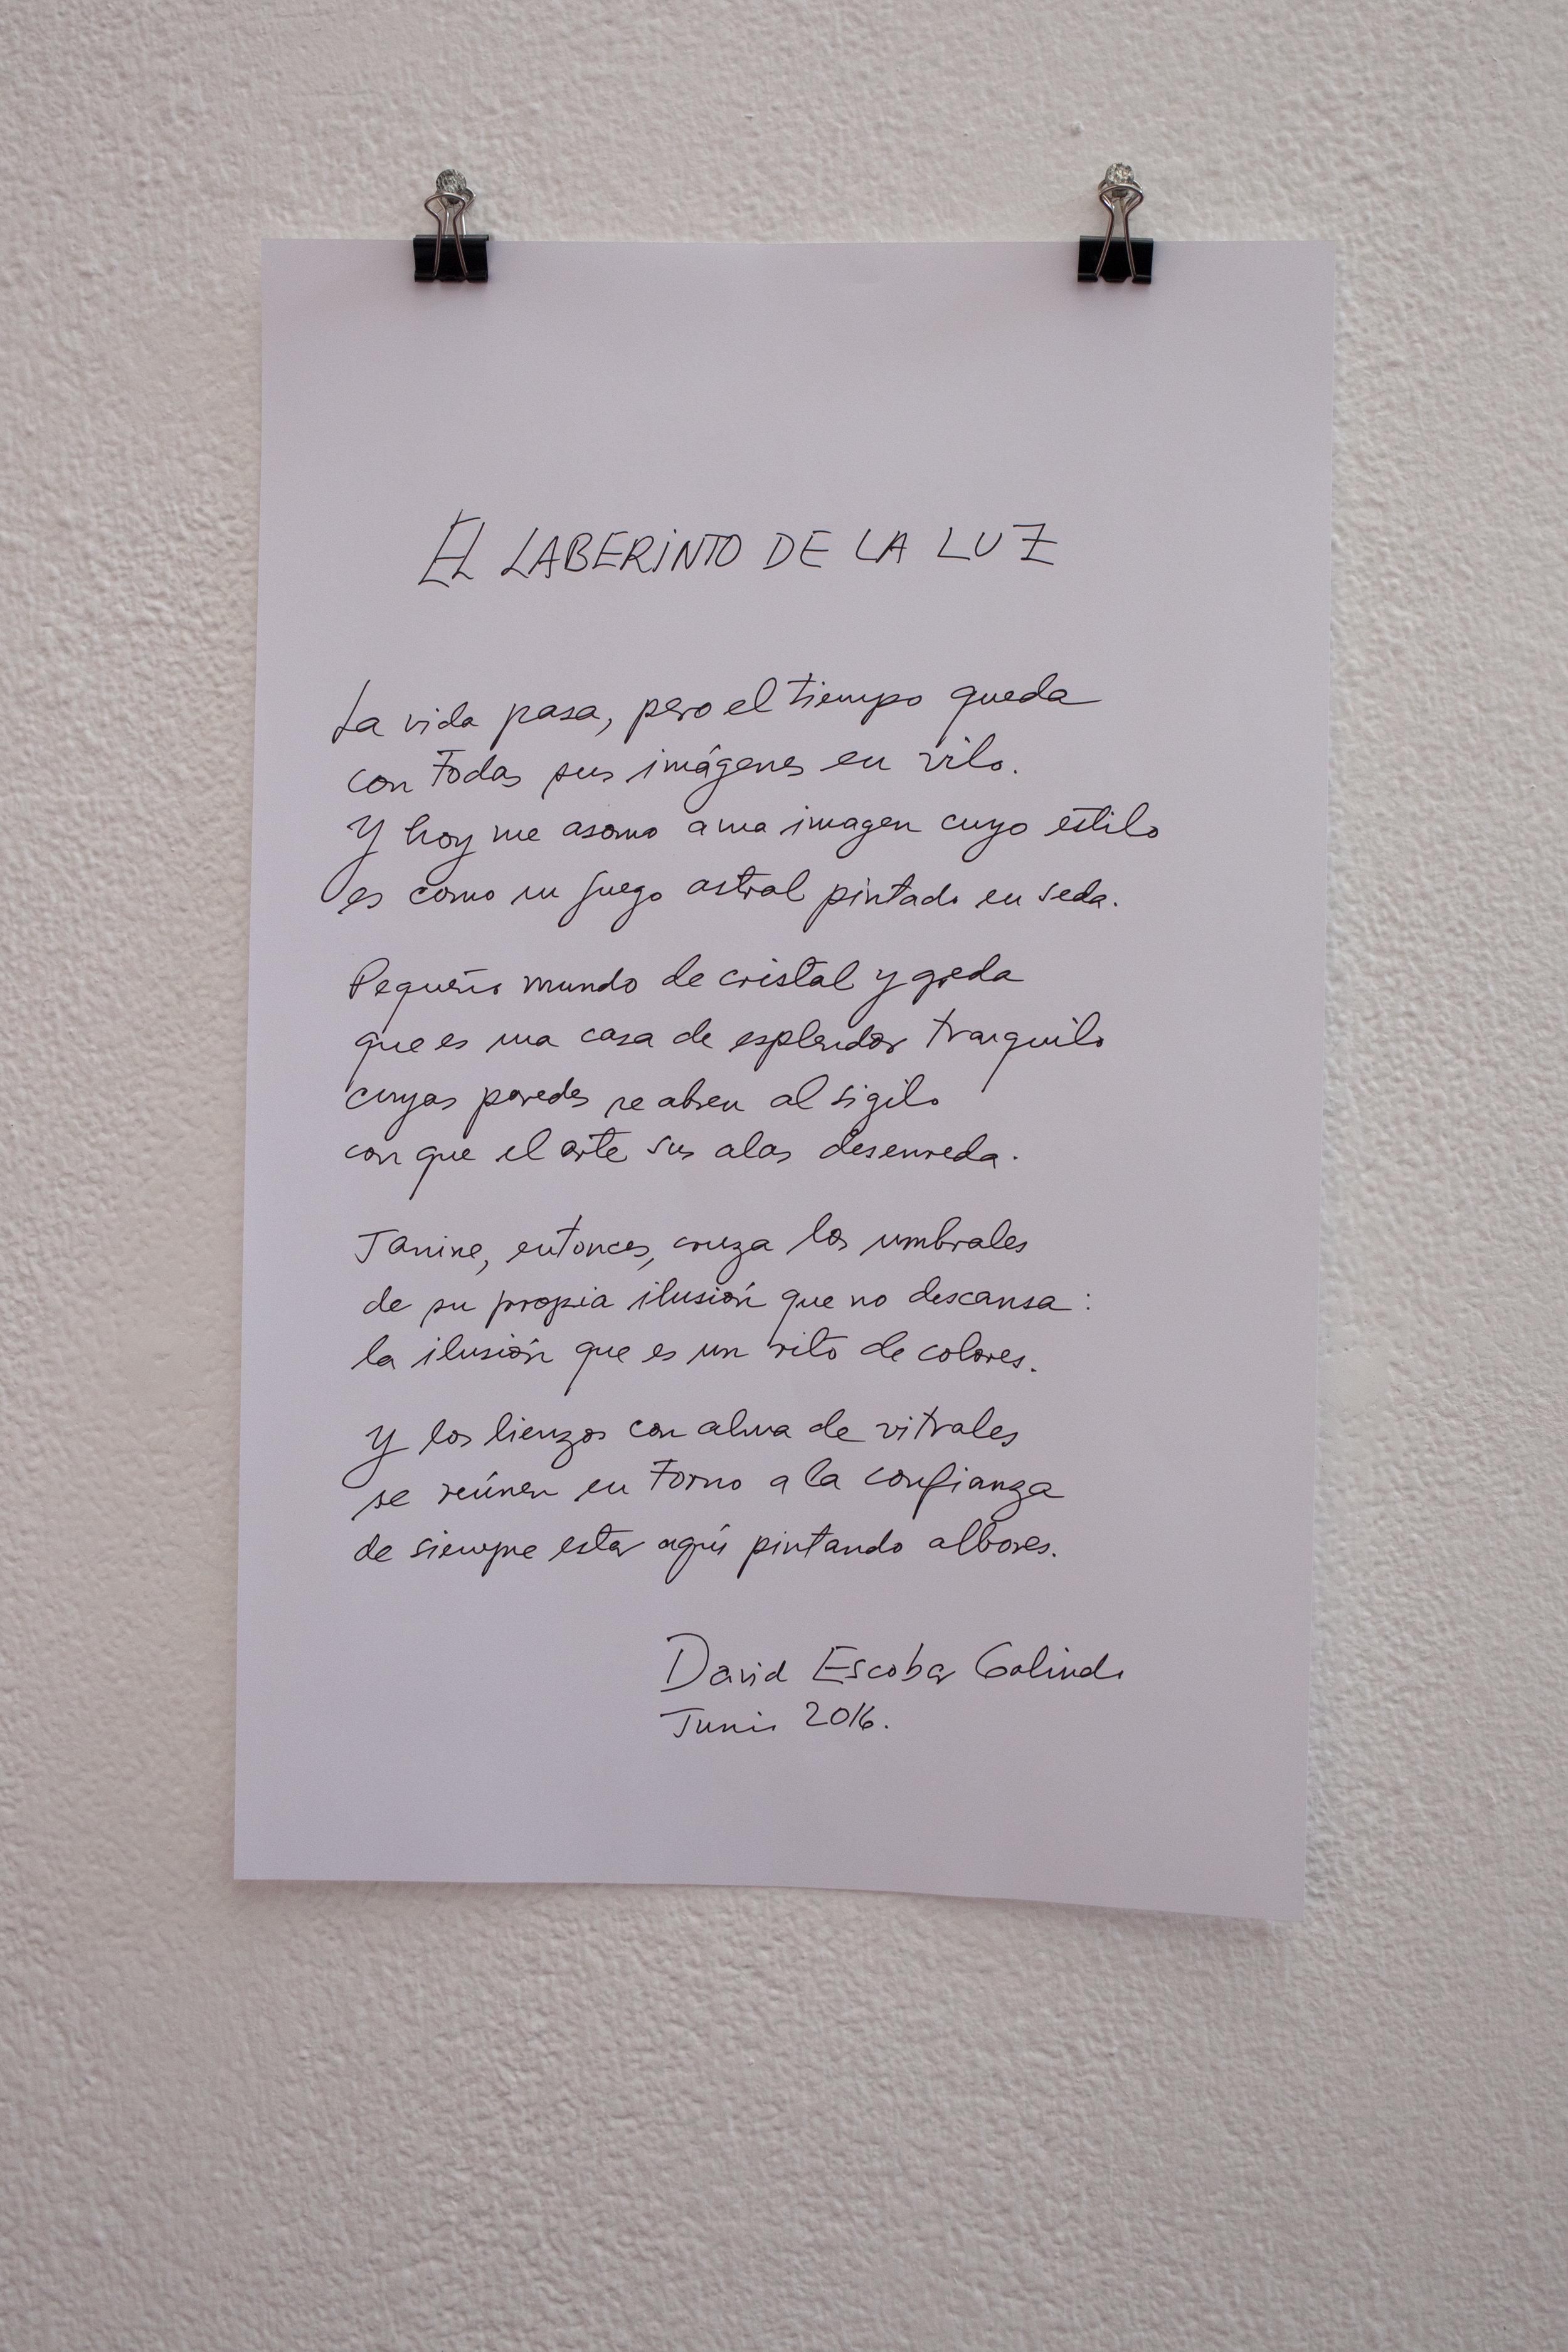 El laberinto de la luz ,David Escobar Galindo,Poesía